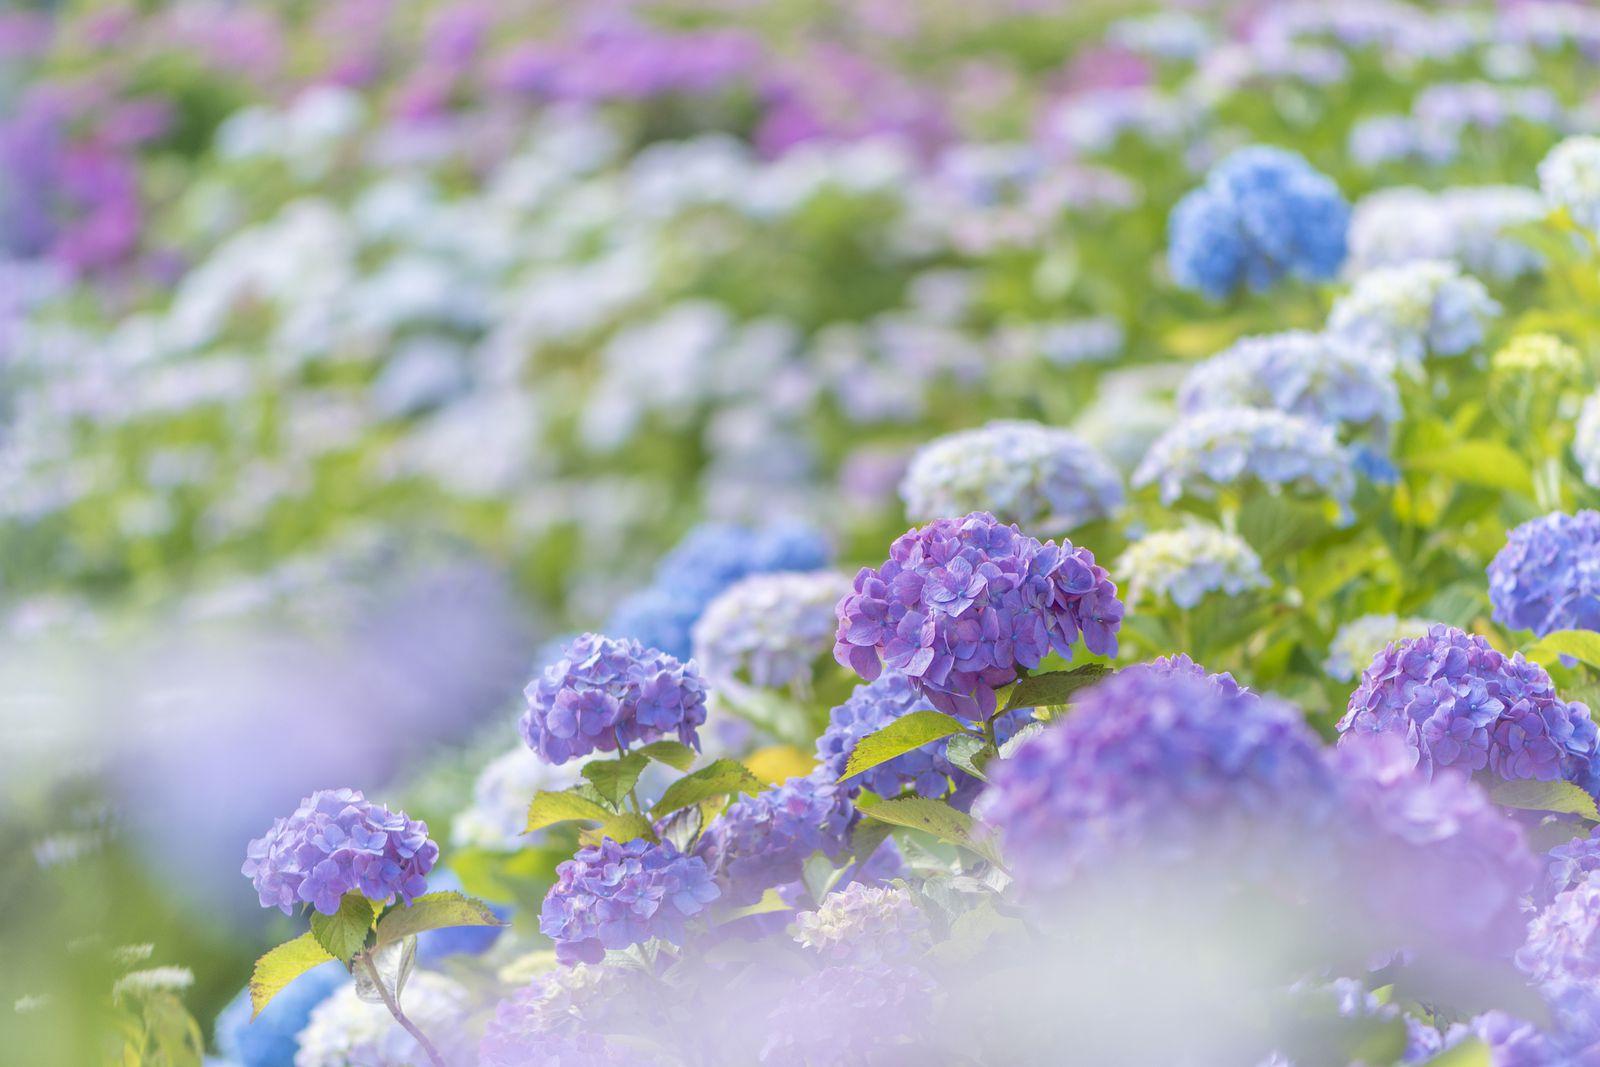 """水も滴る美しい梅雨の花。6月に行きたい関東の""""紫陽花スポット""""12選                当サイト内のおでかけ情報に関してこのまとめ記事の目次"""